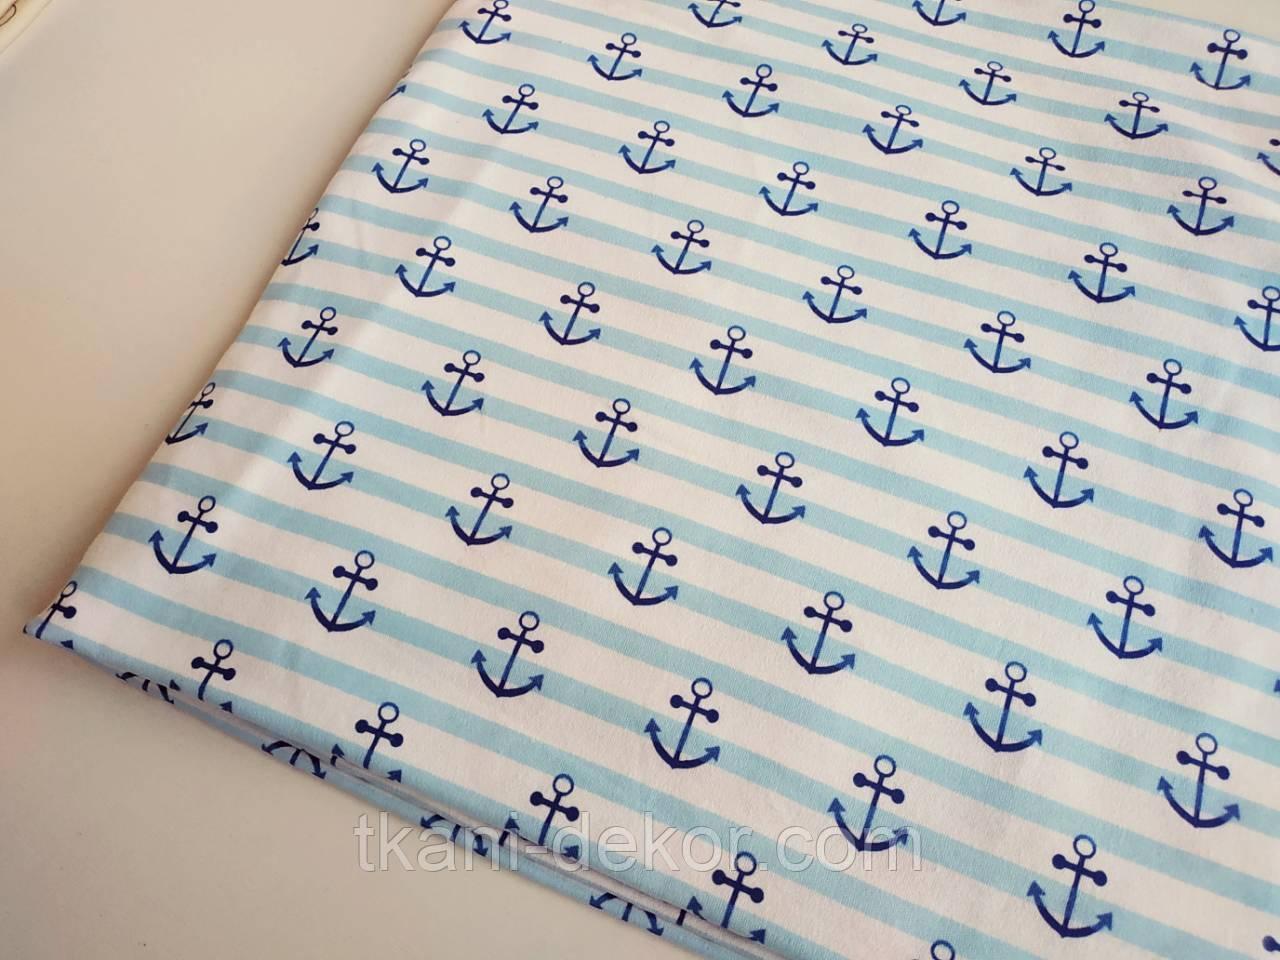 Трикотаж детский (хлопковая ткань) якоря на голубой полоске